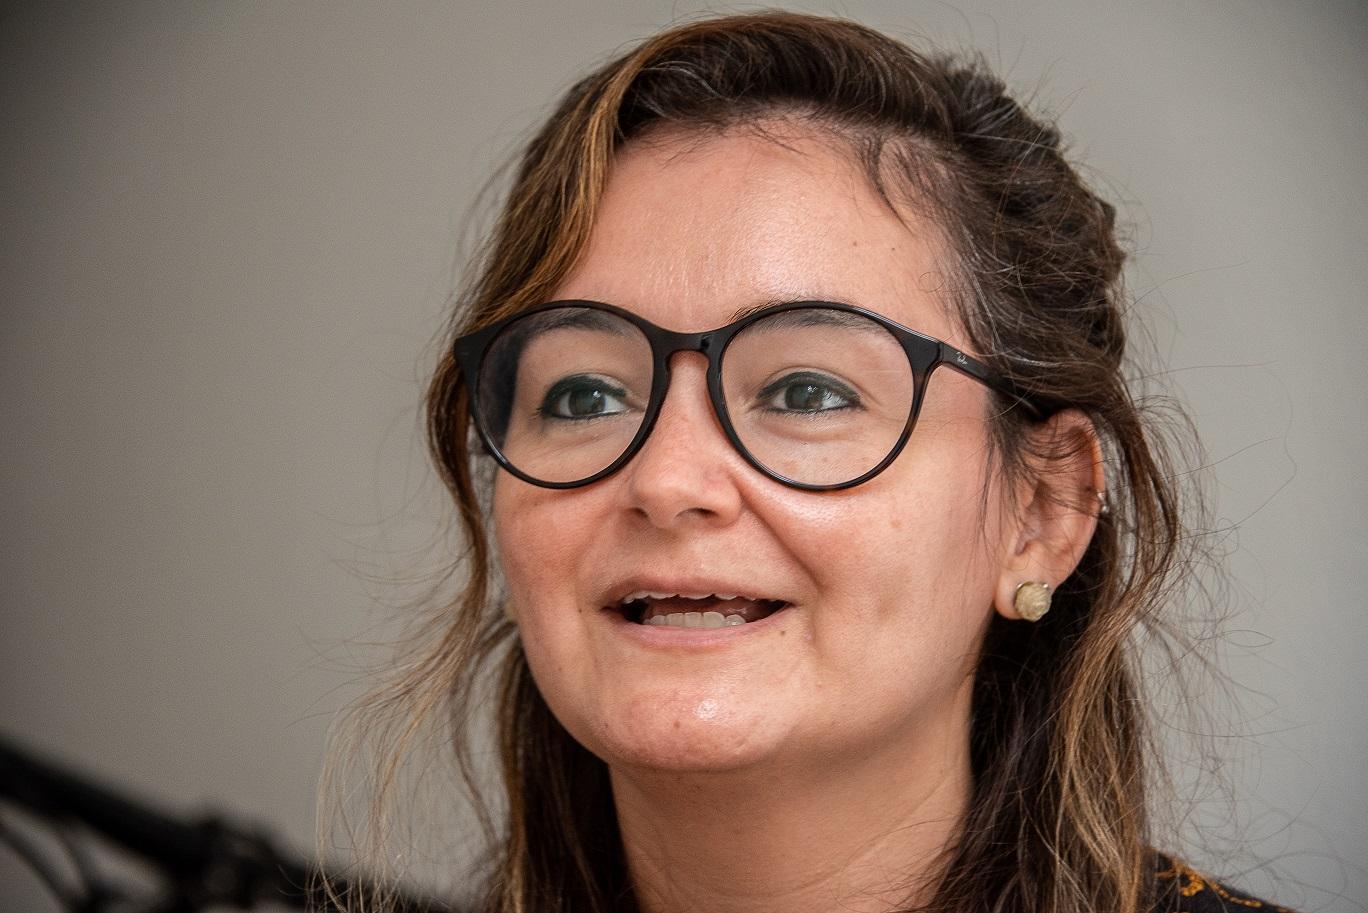 A psicóloga Patrícia Acacia se inspirou no seu sofrimento com a doença para criar o grupo sobre os sintomas persistentes da covid-19. Foto Arquivo Pessoal